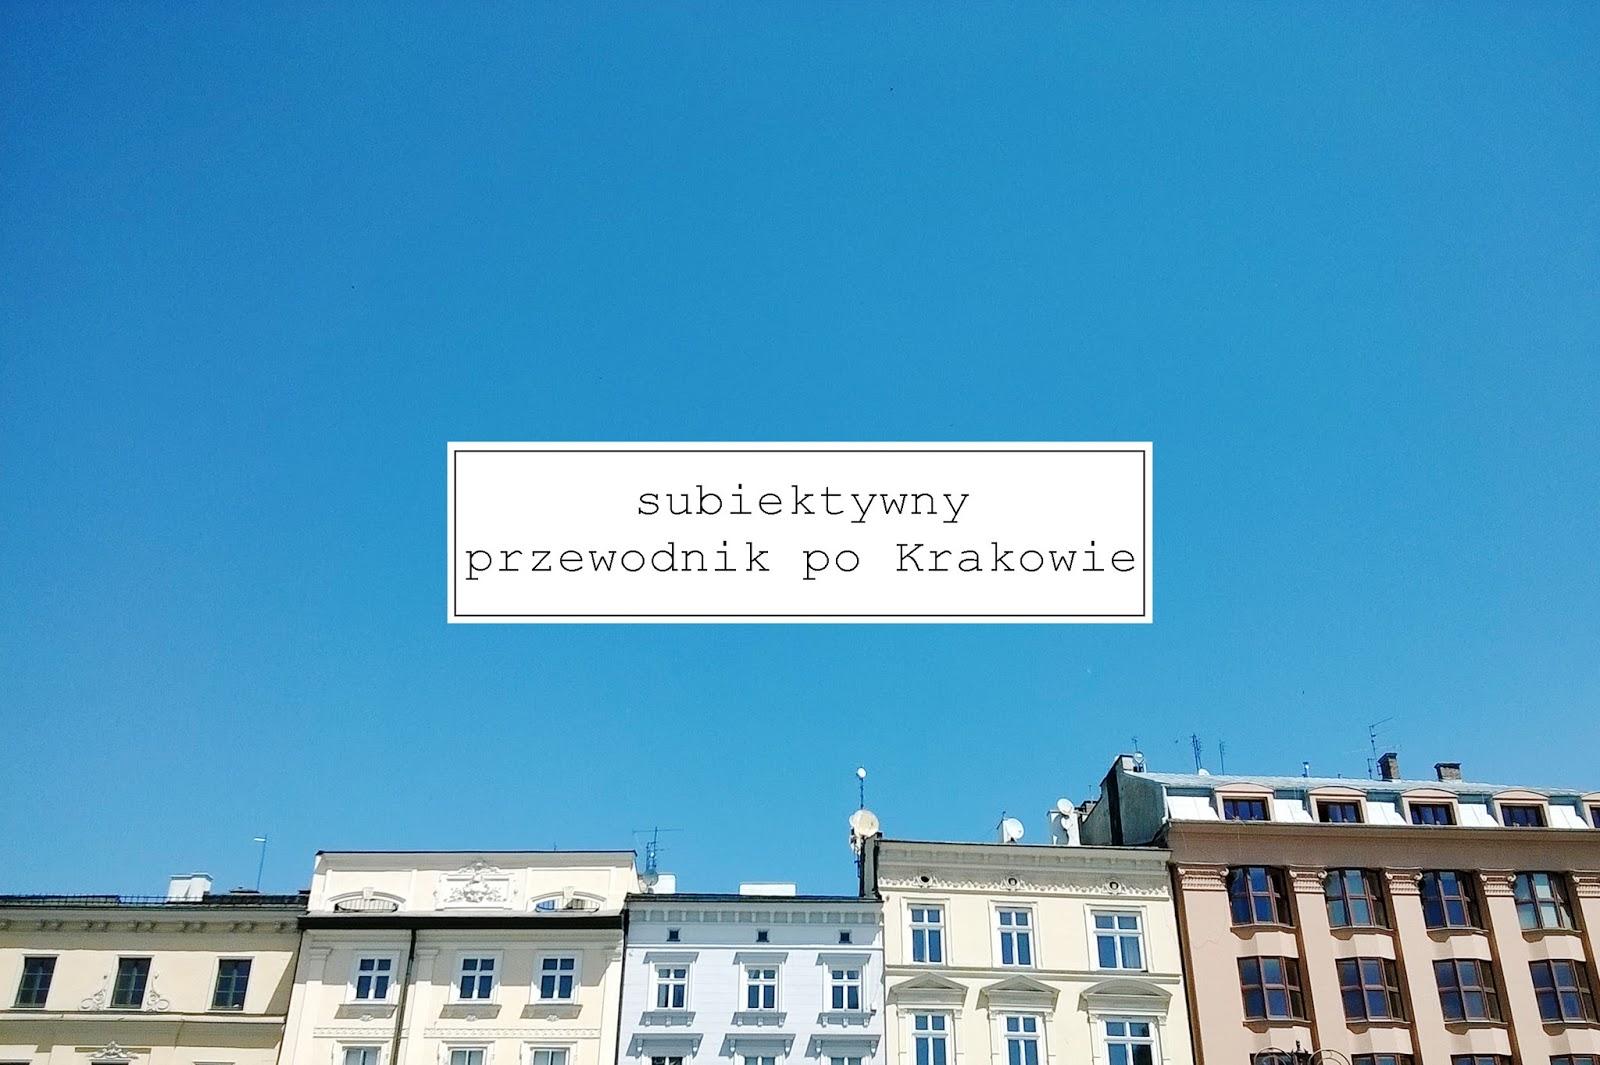 przewodnik po Krakowie, kraków